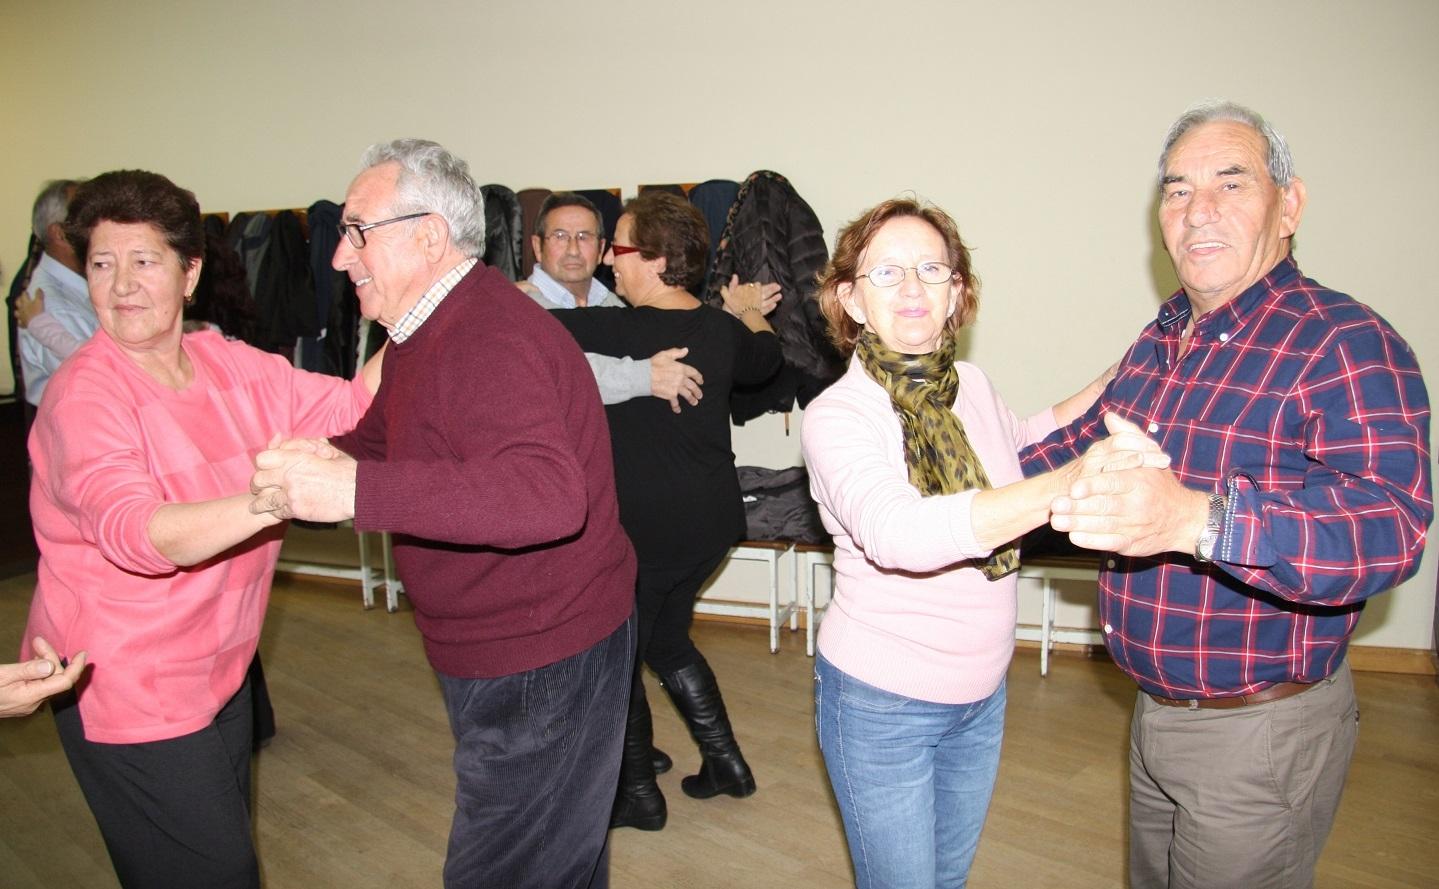 Abiertas las inscripciones para las clases gratuitas de for Academias de bailes de salon en madrid